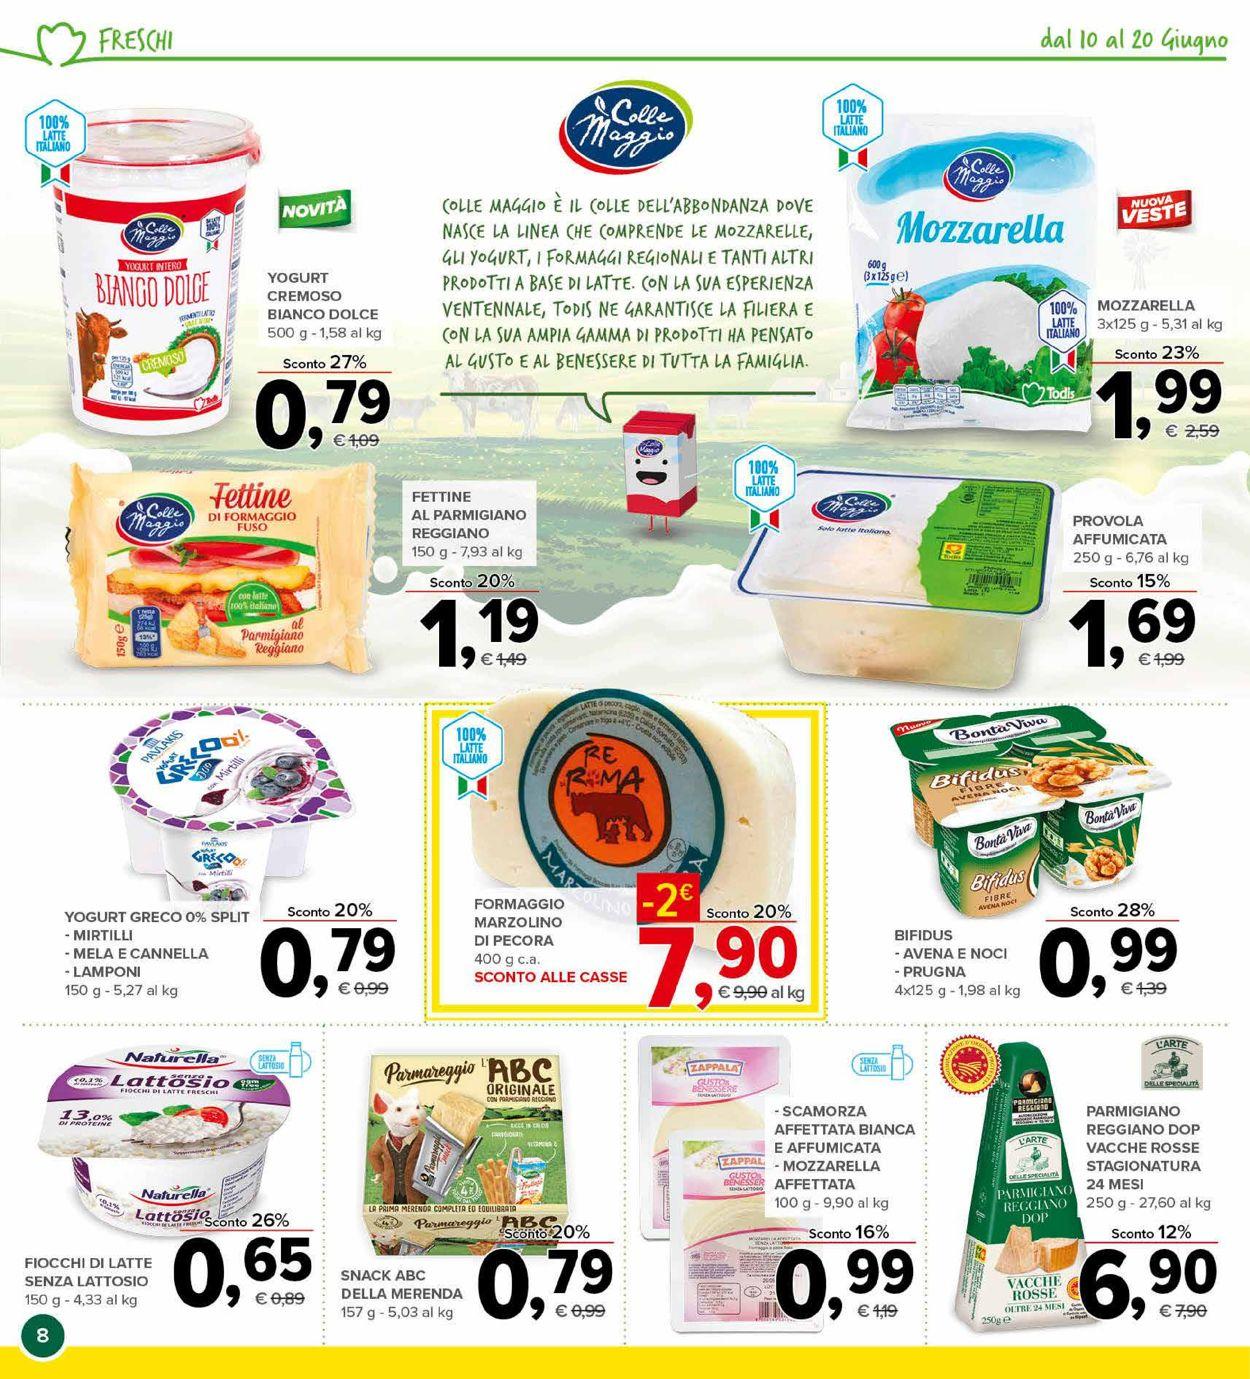 Volantino Todis - Offerte 10/06-20/06/2021 (Pagina 8)